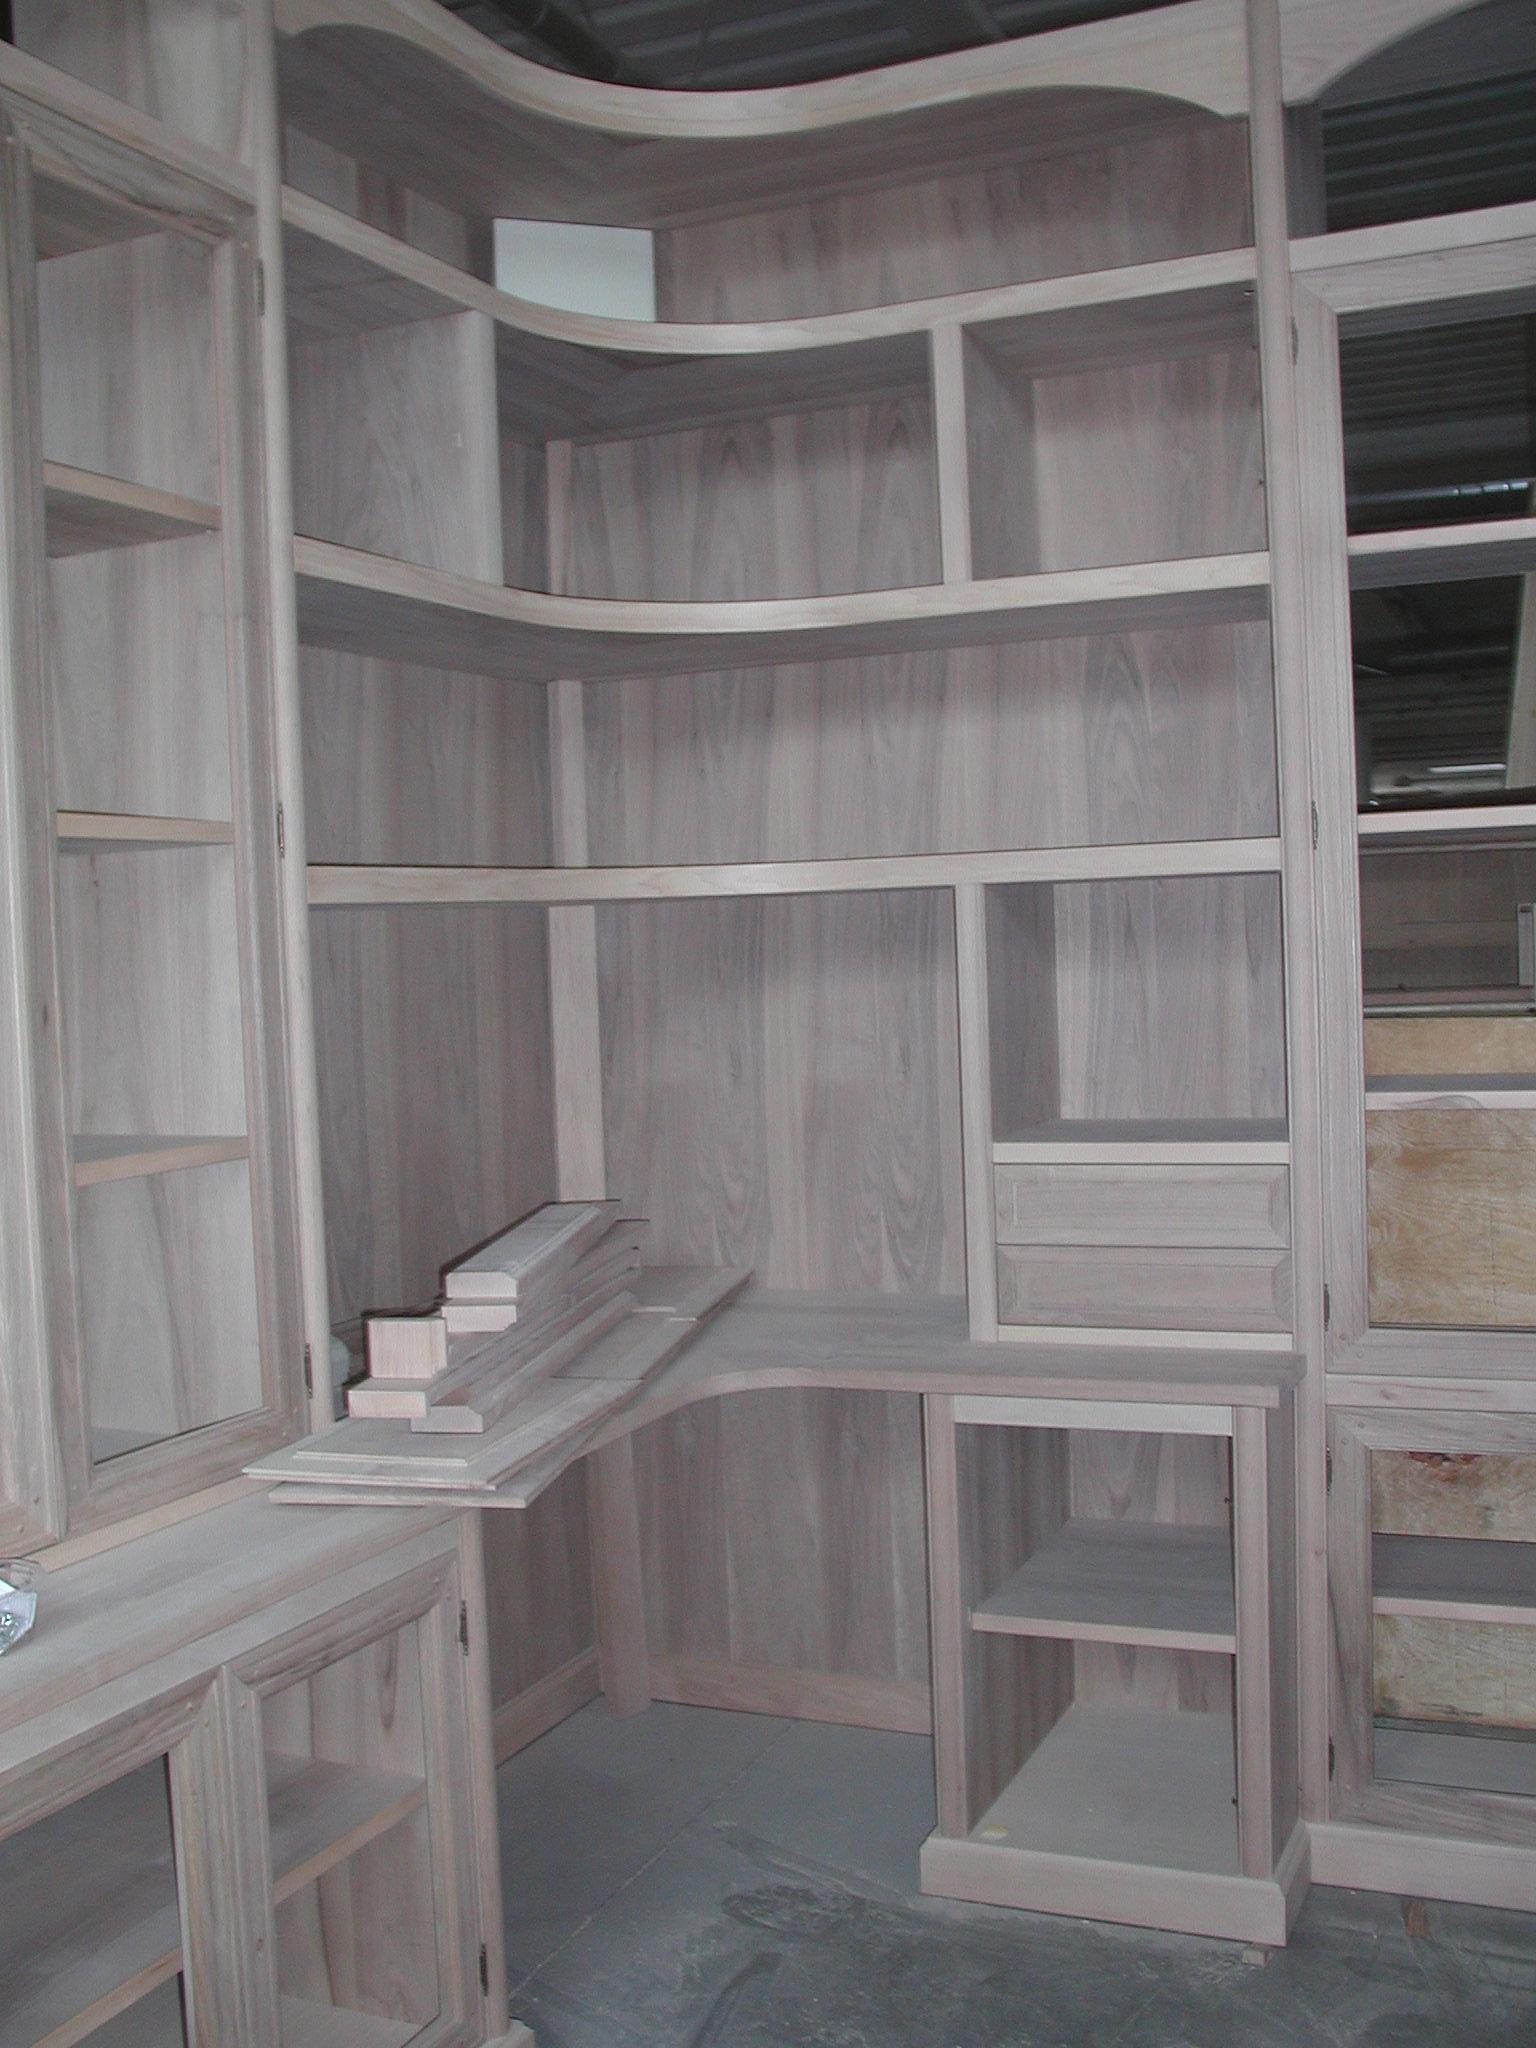 La sartoria del mobile libreria con scrivania ad angolo for Libreria ad angolo